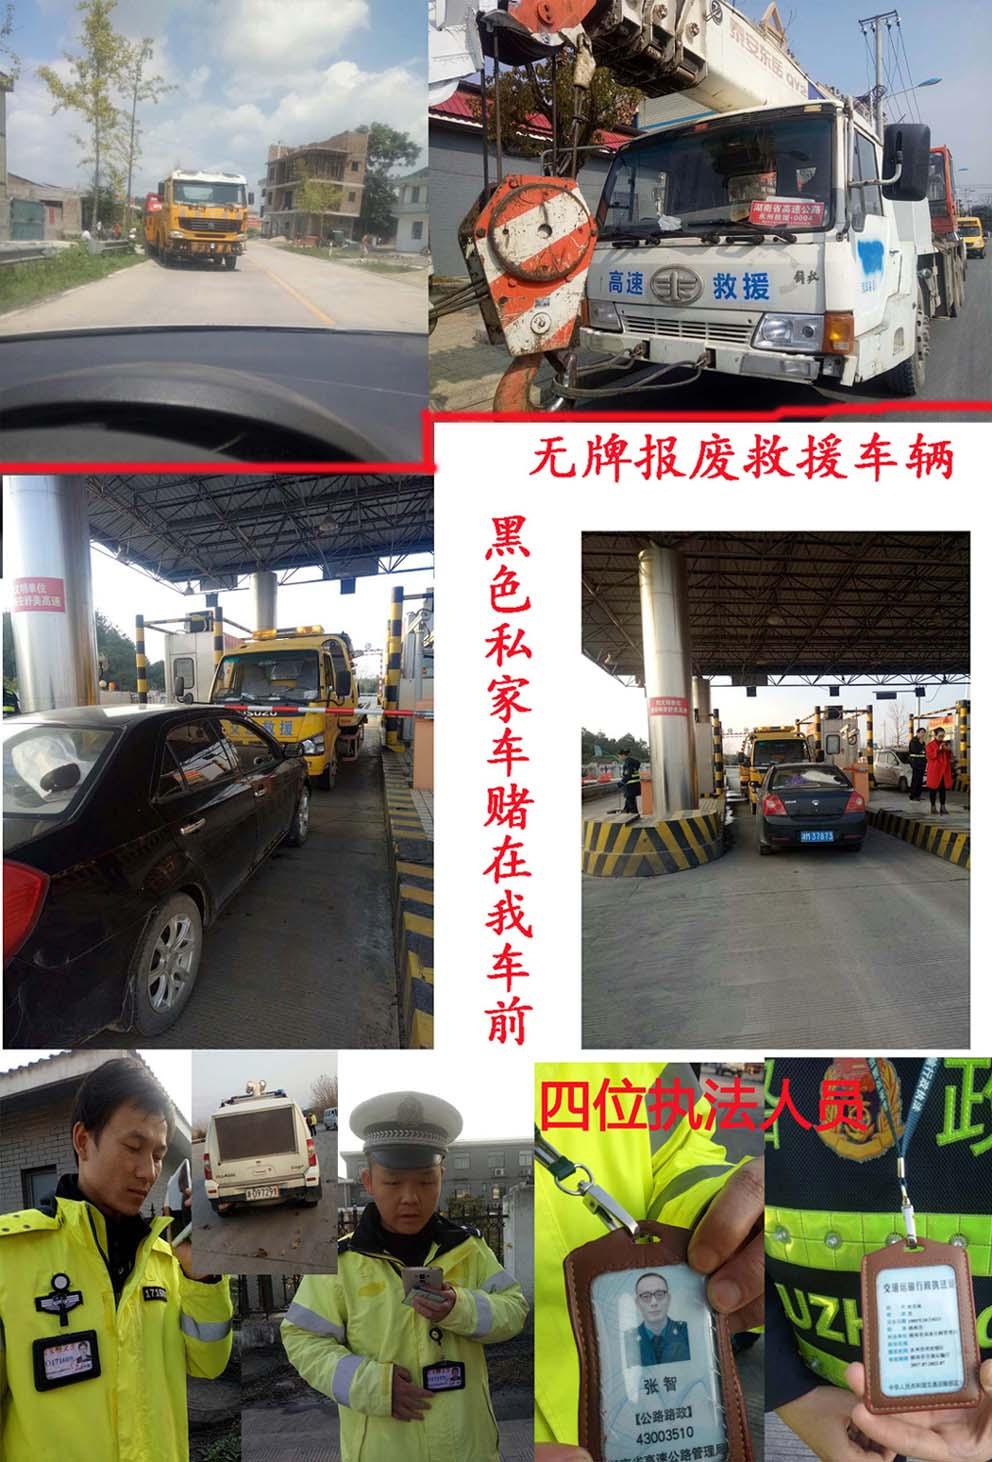 道县高速路口恶意堵车,执法人员无人监管